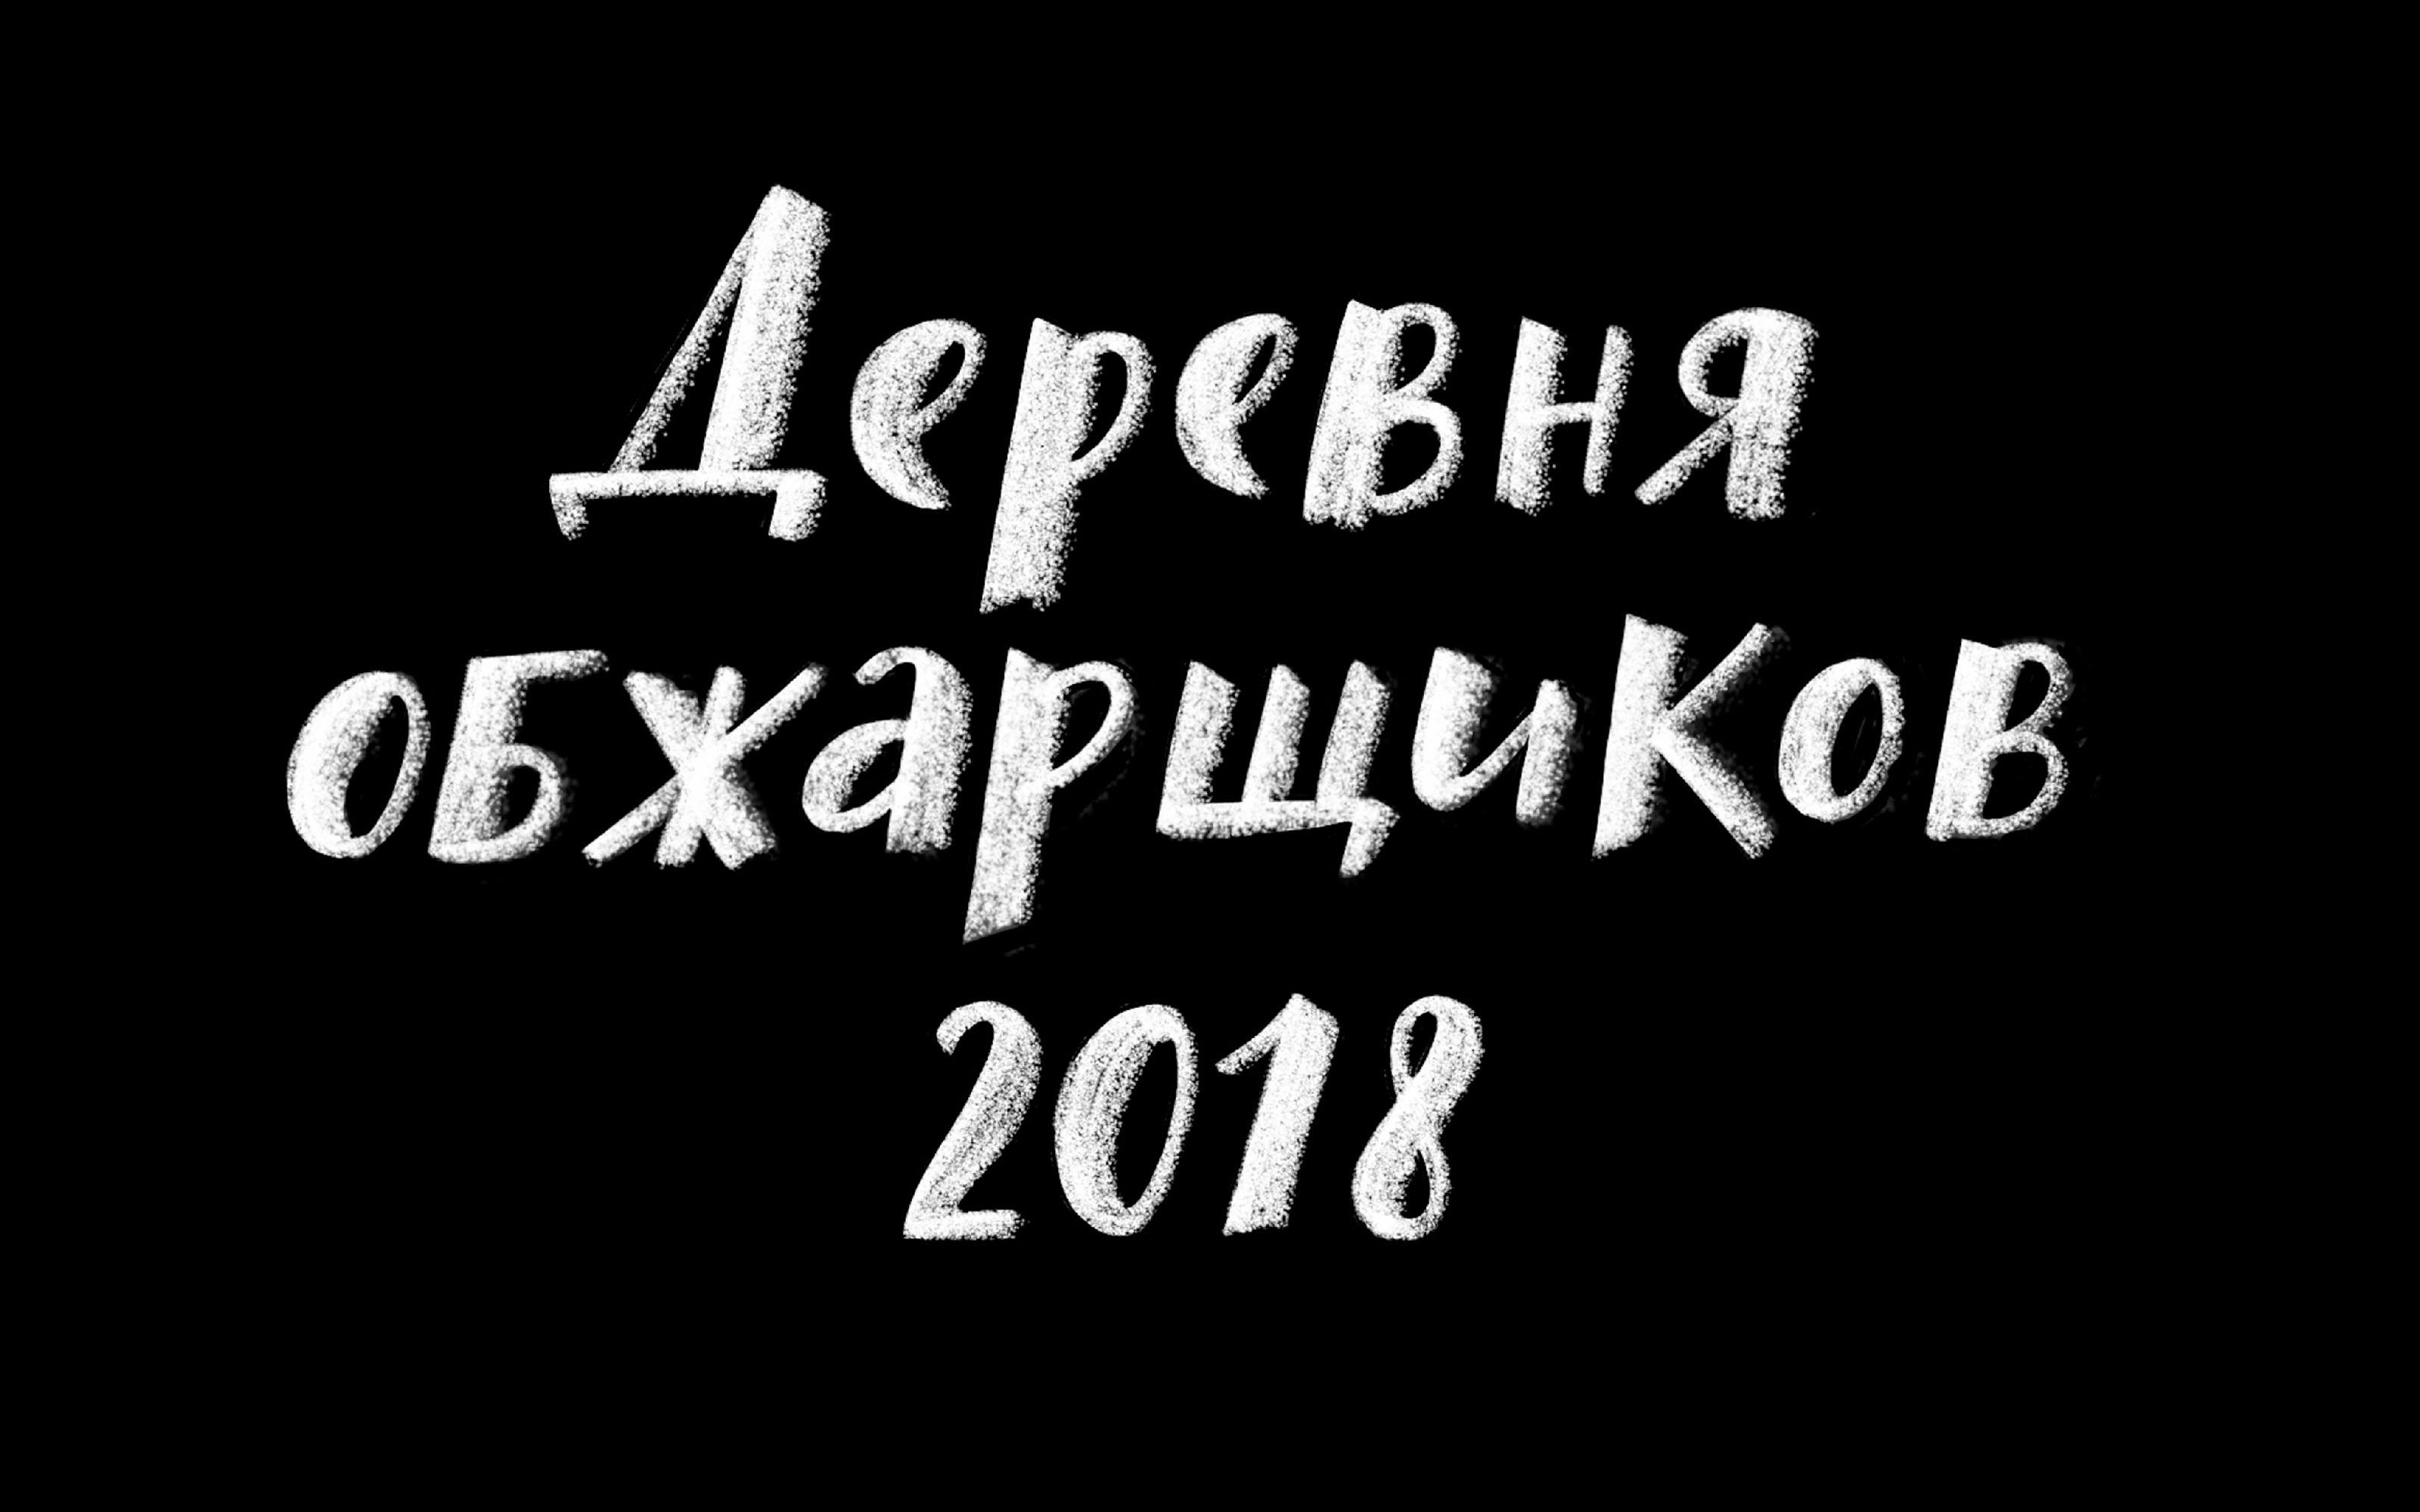 Дизайн фестиваля кофе 2018 в фирменном стиле Tasty Coffee от Мухина Дизайн